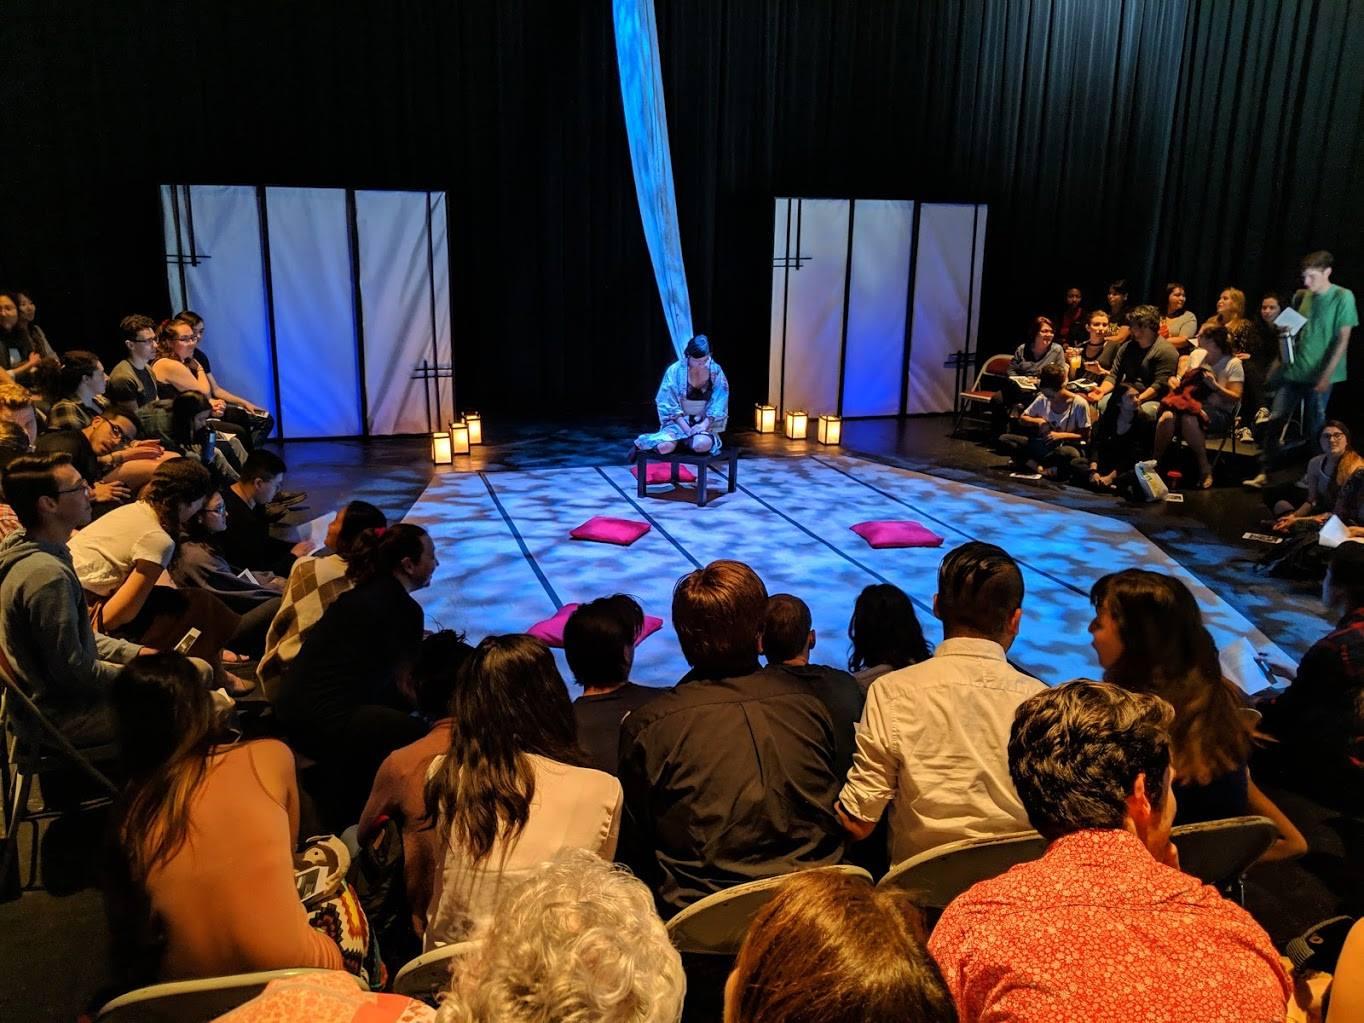 audience shot.jpg